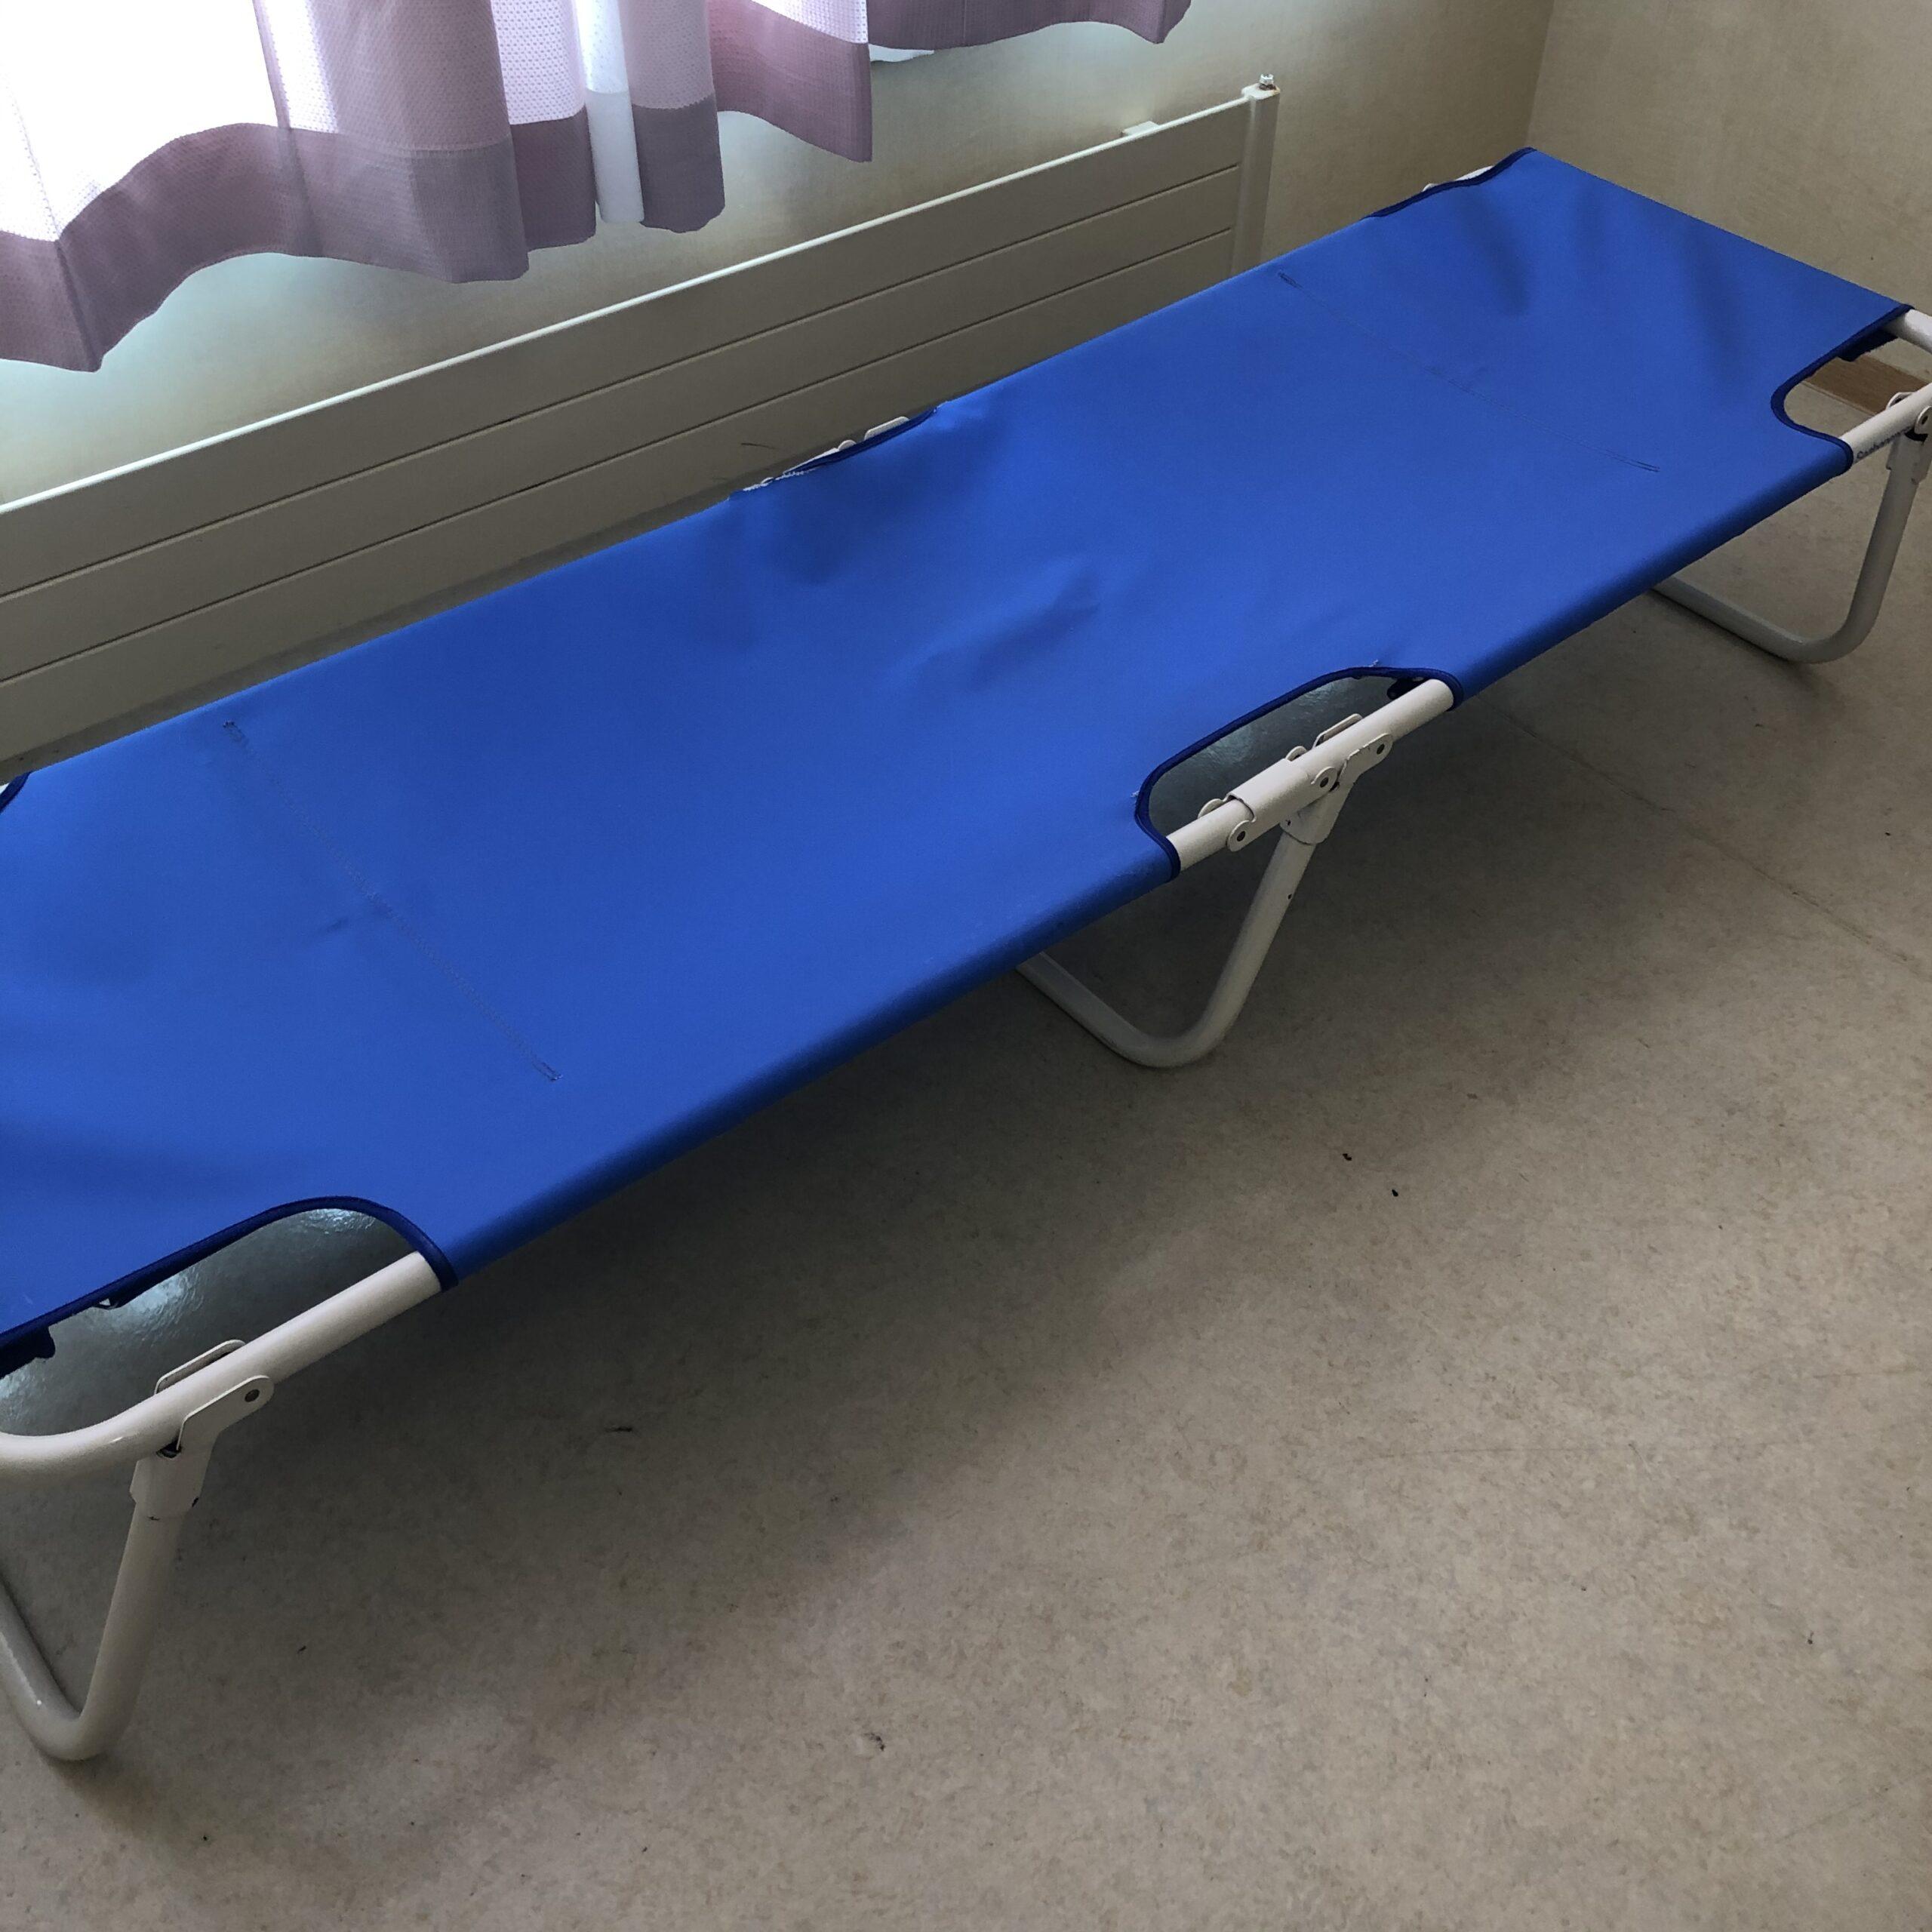 付き添いの簡易ベッド